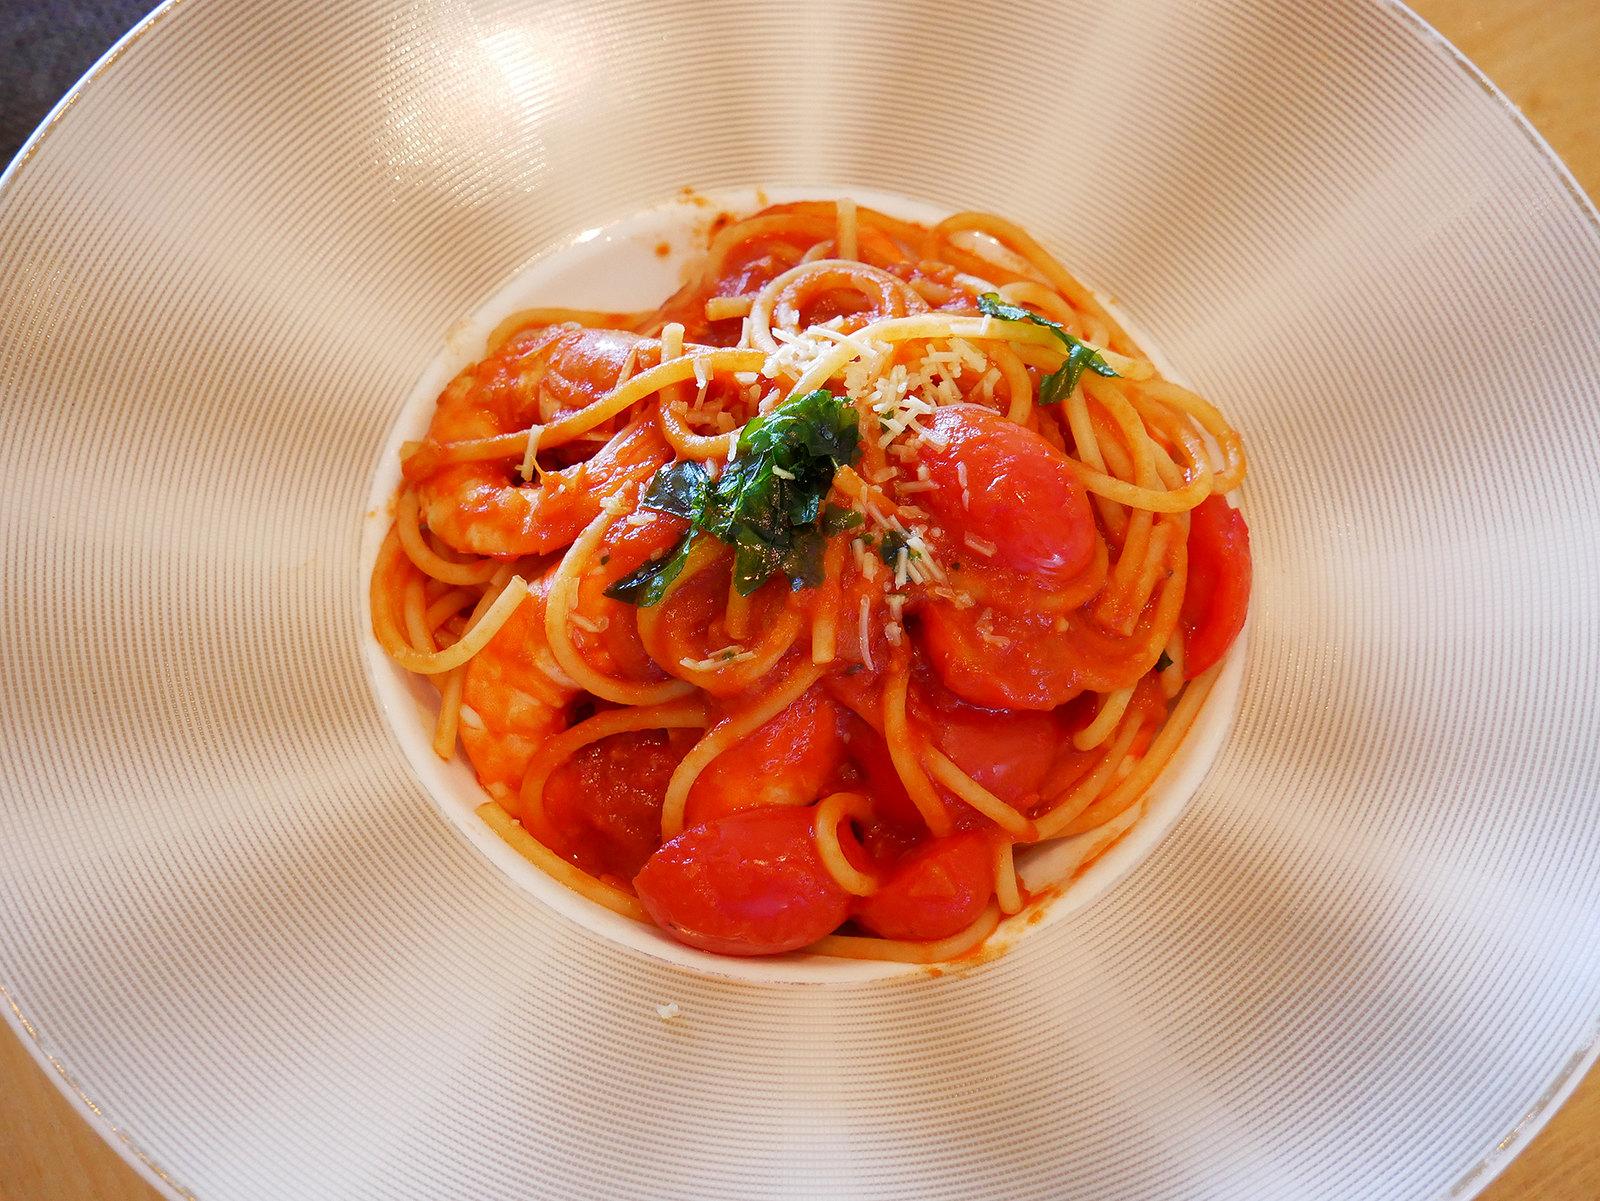 礁溪老爺酒店 醴泉大廳酒吧 茄汁鮮蝦義大利麵